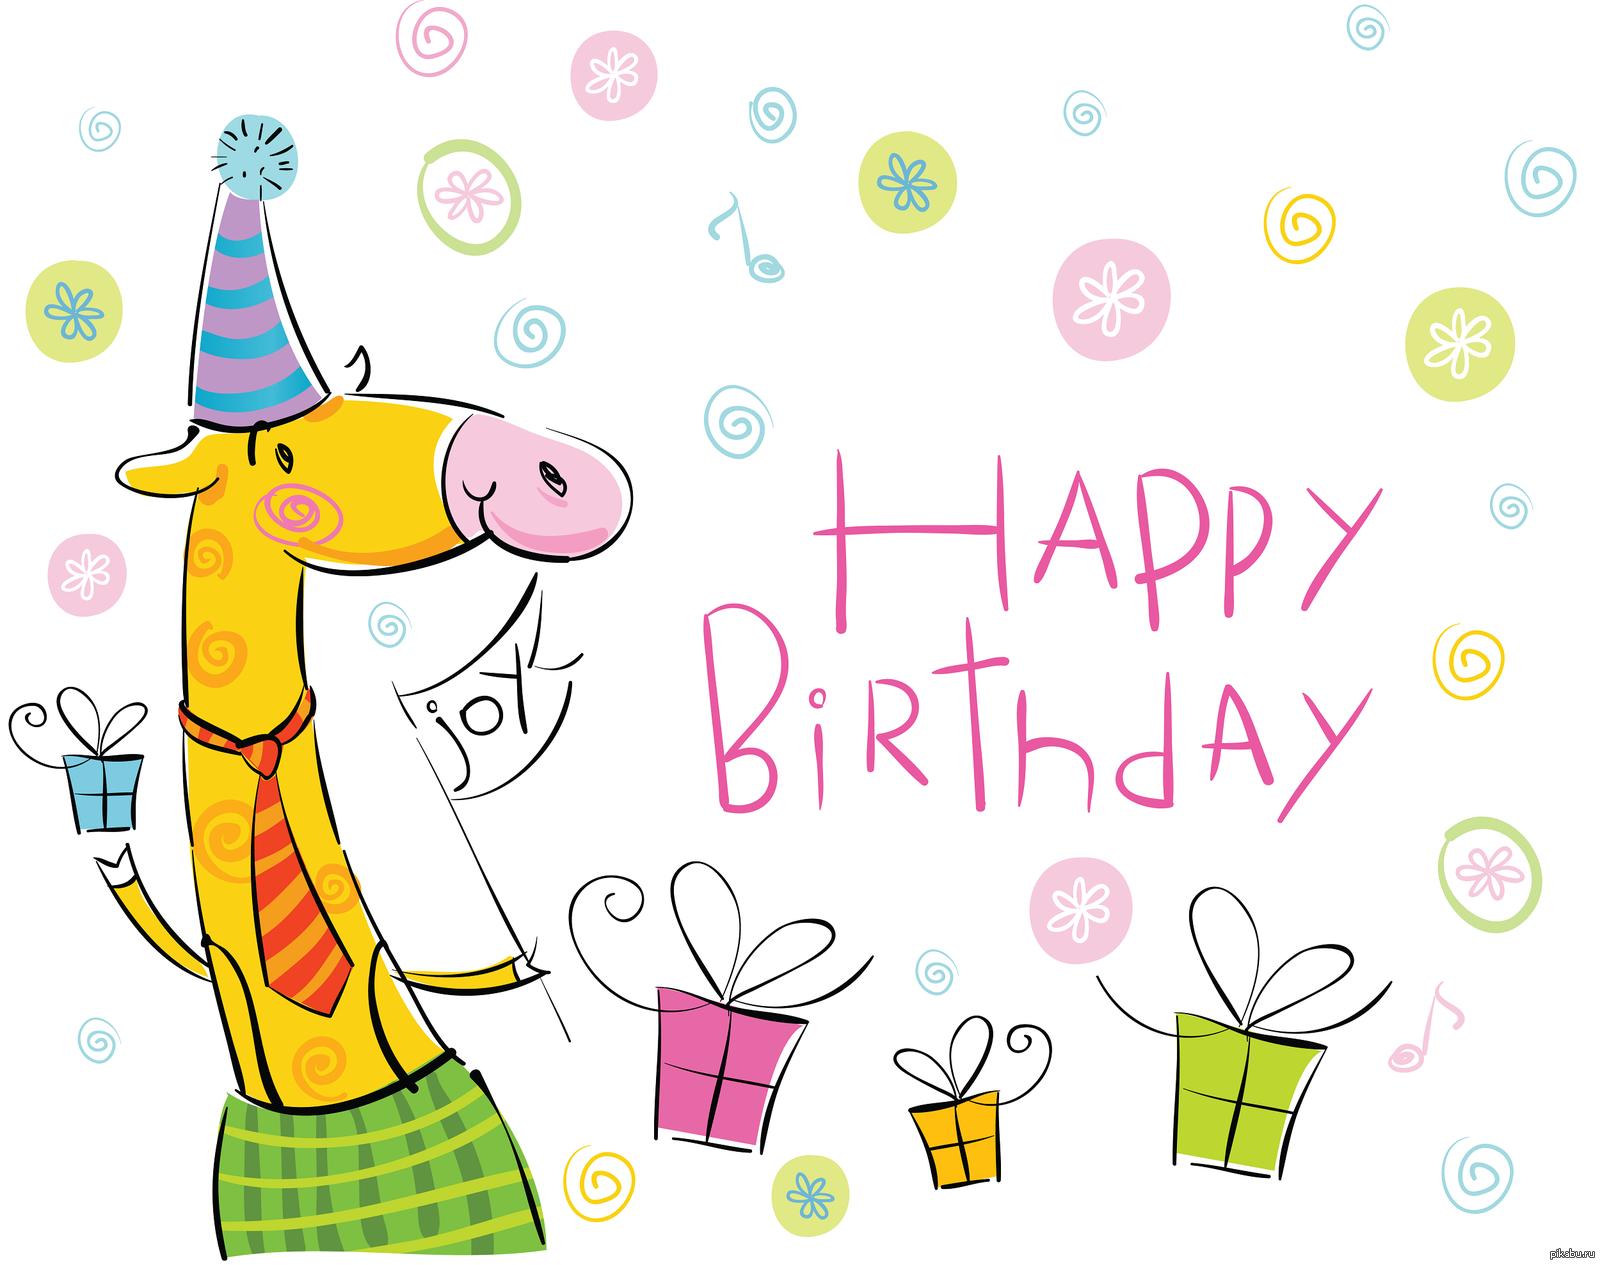 Рисунки с поздравлением на день рождения